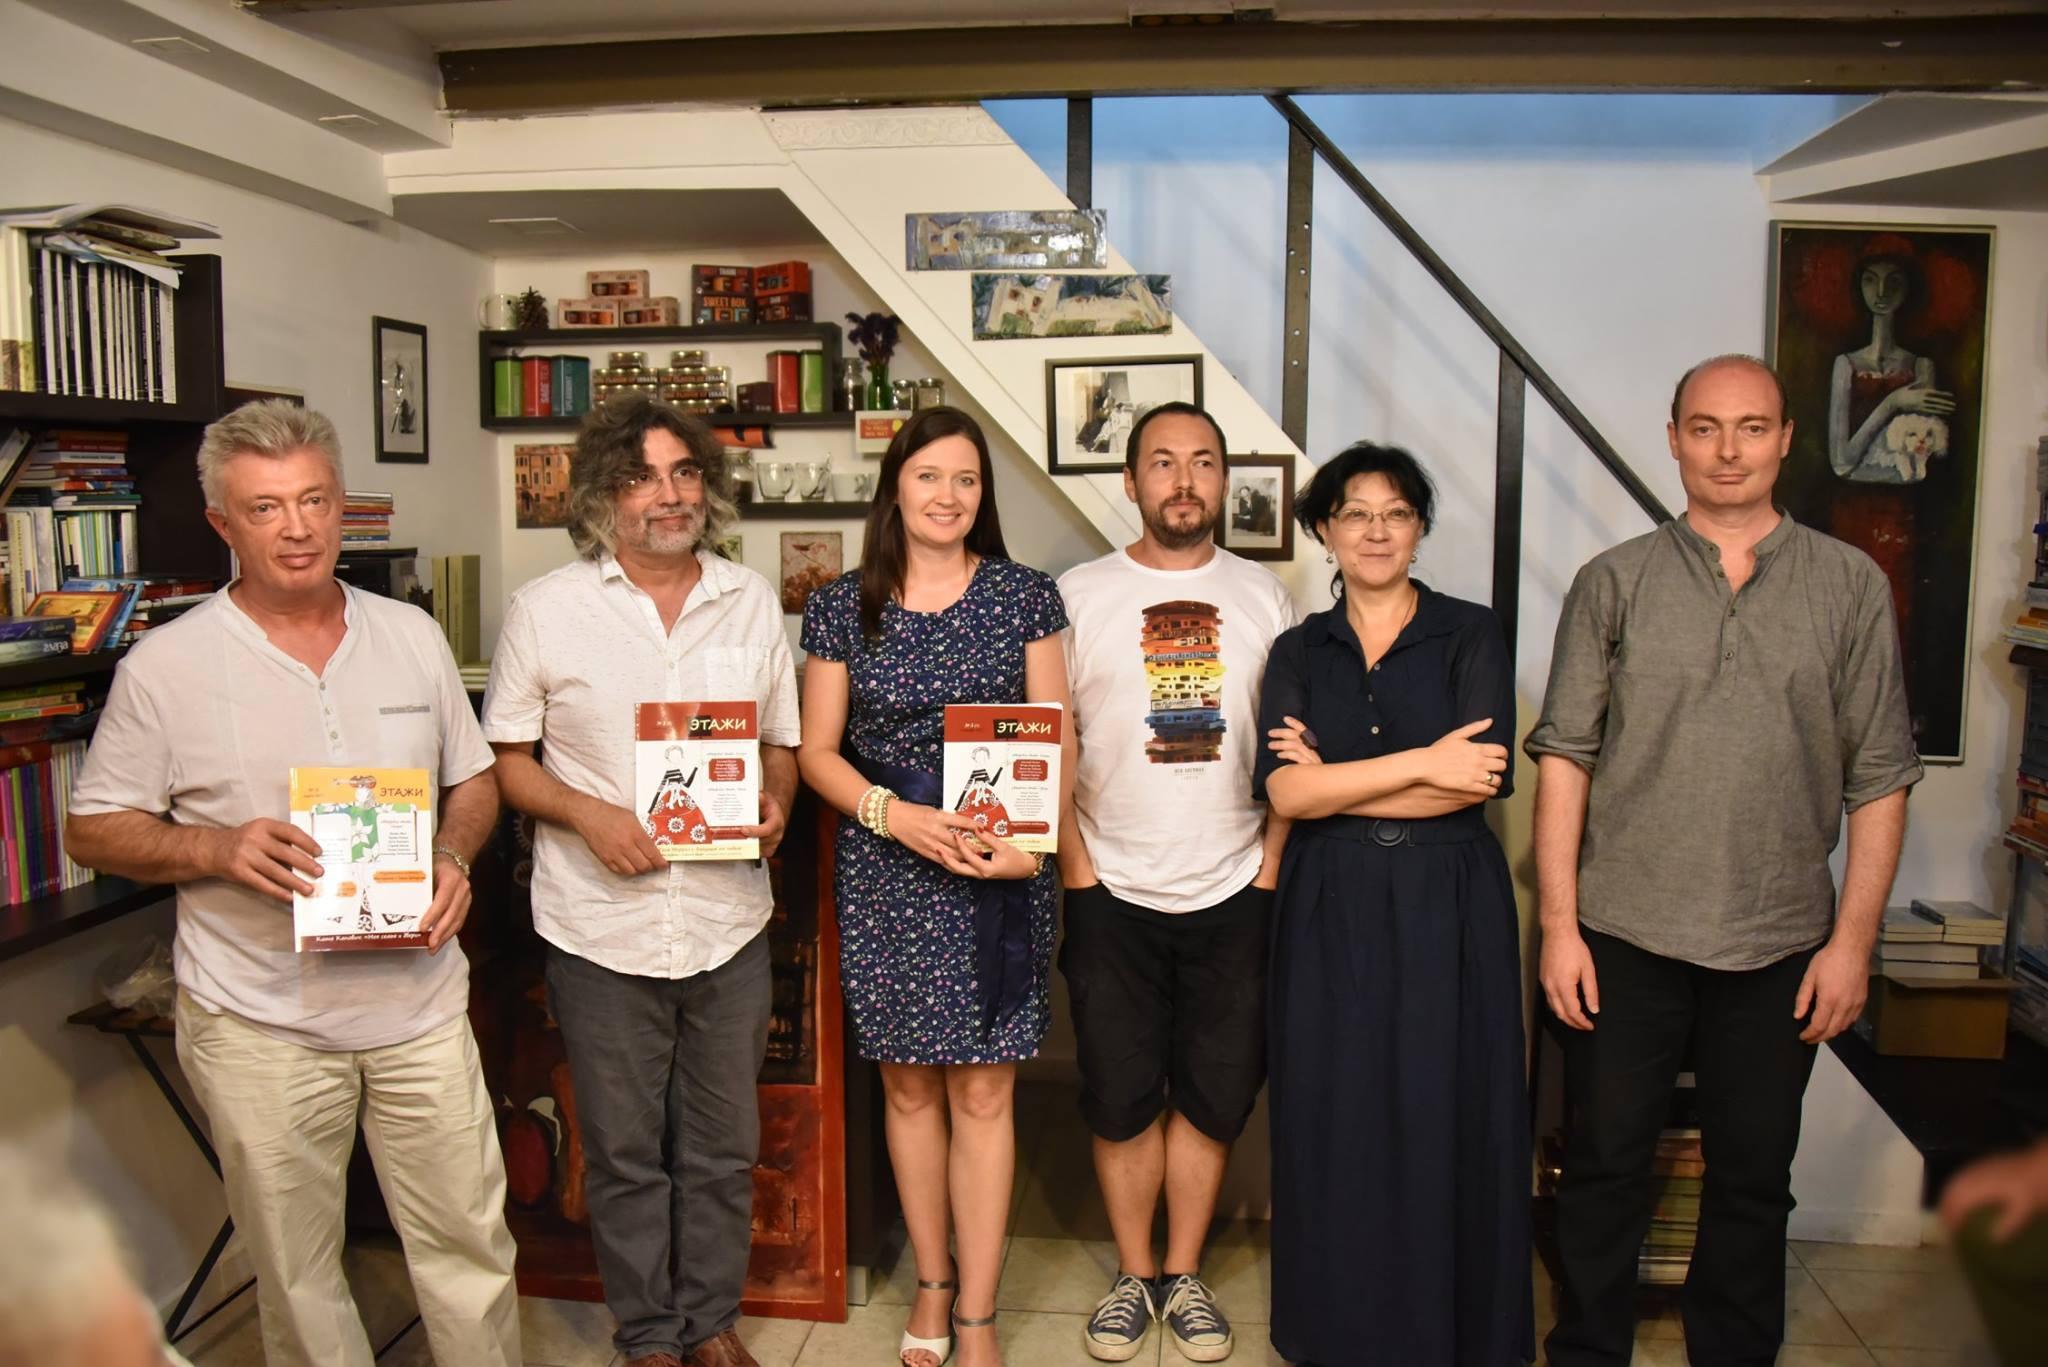 Презентация журнала ЭТАЖИ в Тель-Авиве в магазине Бабель, сентябрь 2017